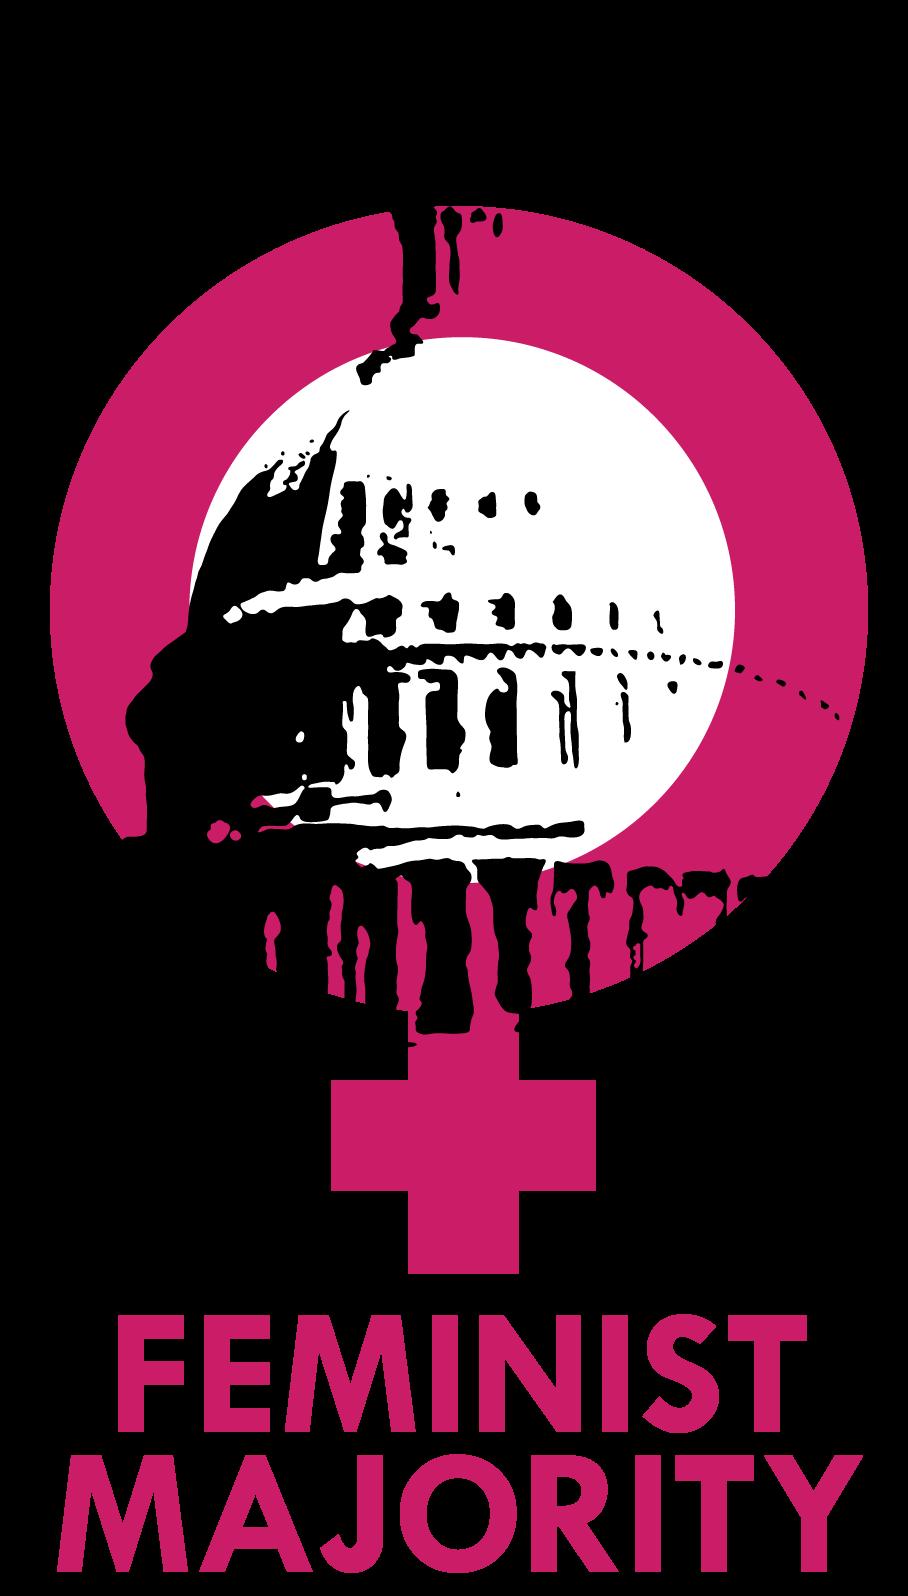 Feminist Majority